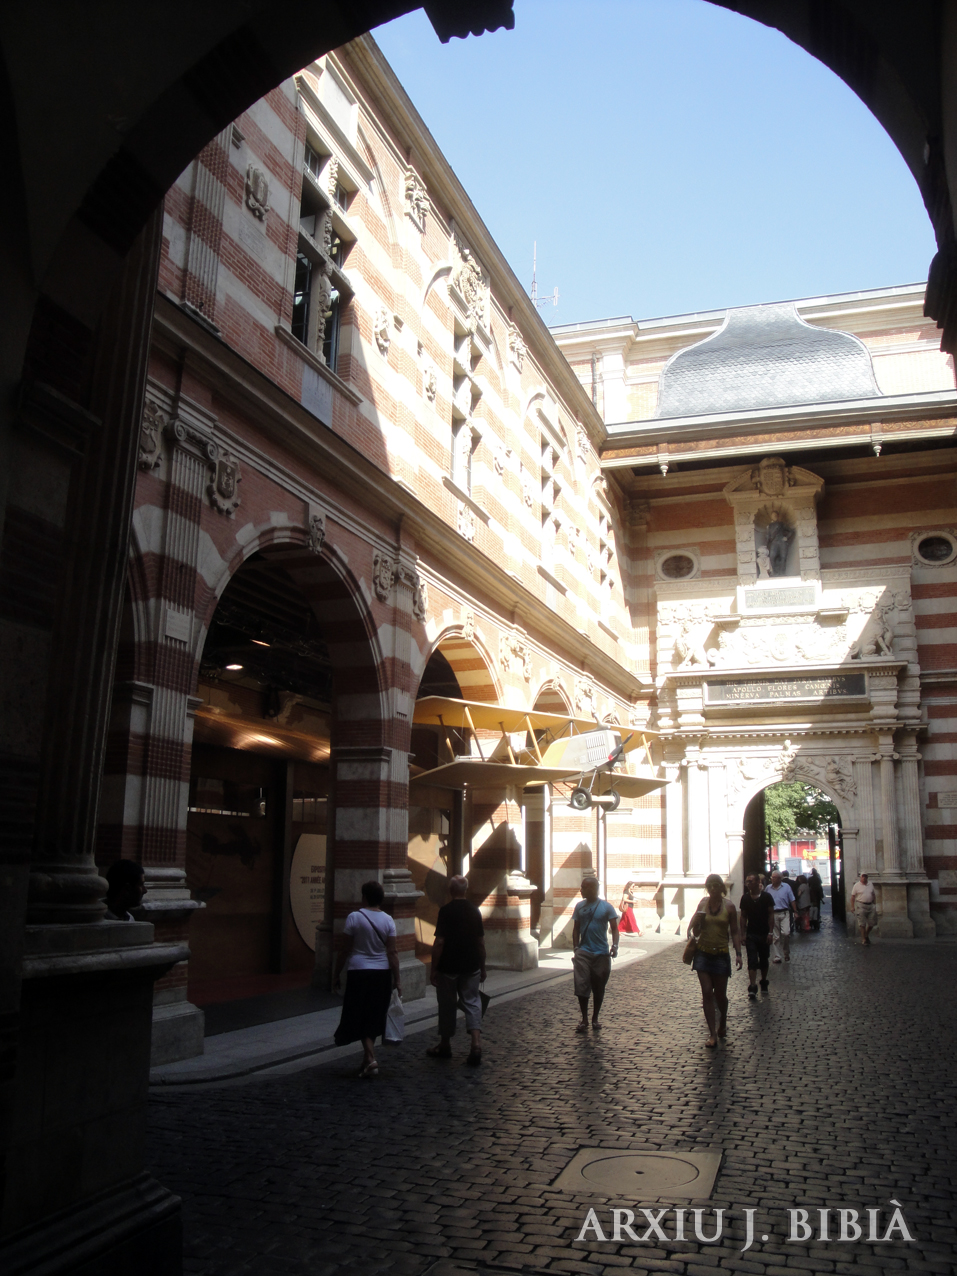 02.09.2011 Entrada al Capítol des de la seva plaça amb el seu nom.  Tolosa del Llenguadoc. -  Jordi Bibià